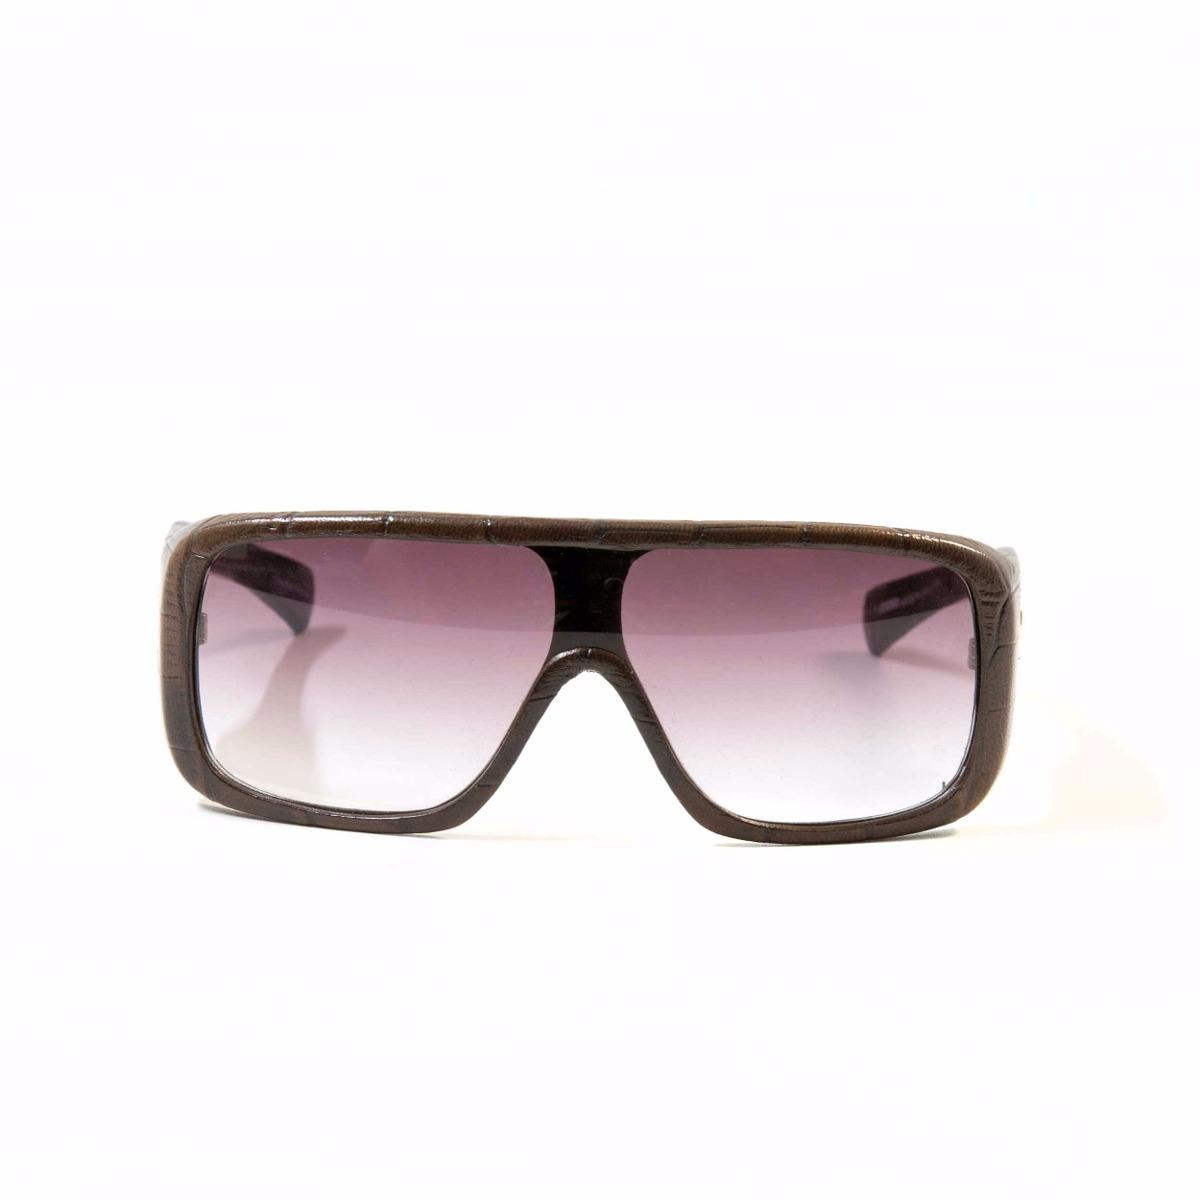 9a6b71067 Oculos Evoke De Sol Detalhe Em Couro - Frete Grátis - R$ 890,00 em ...